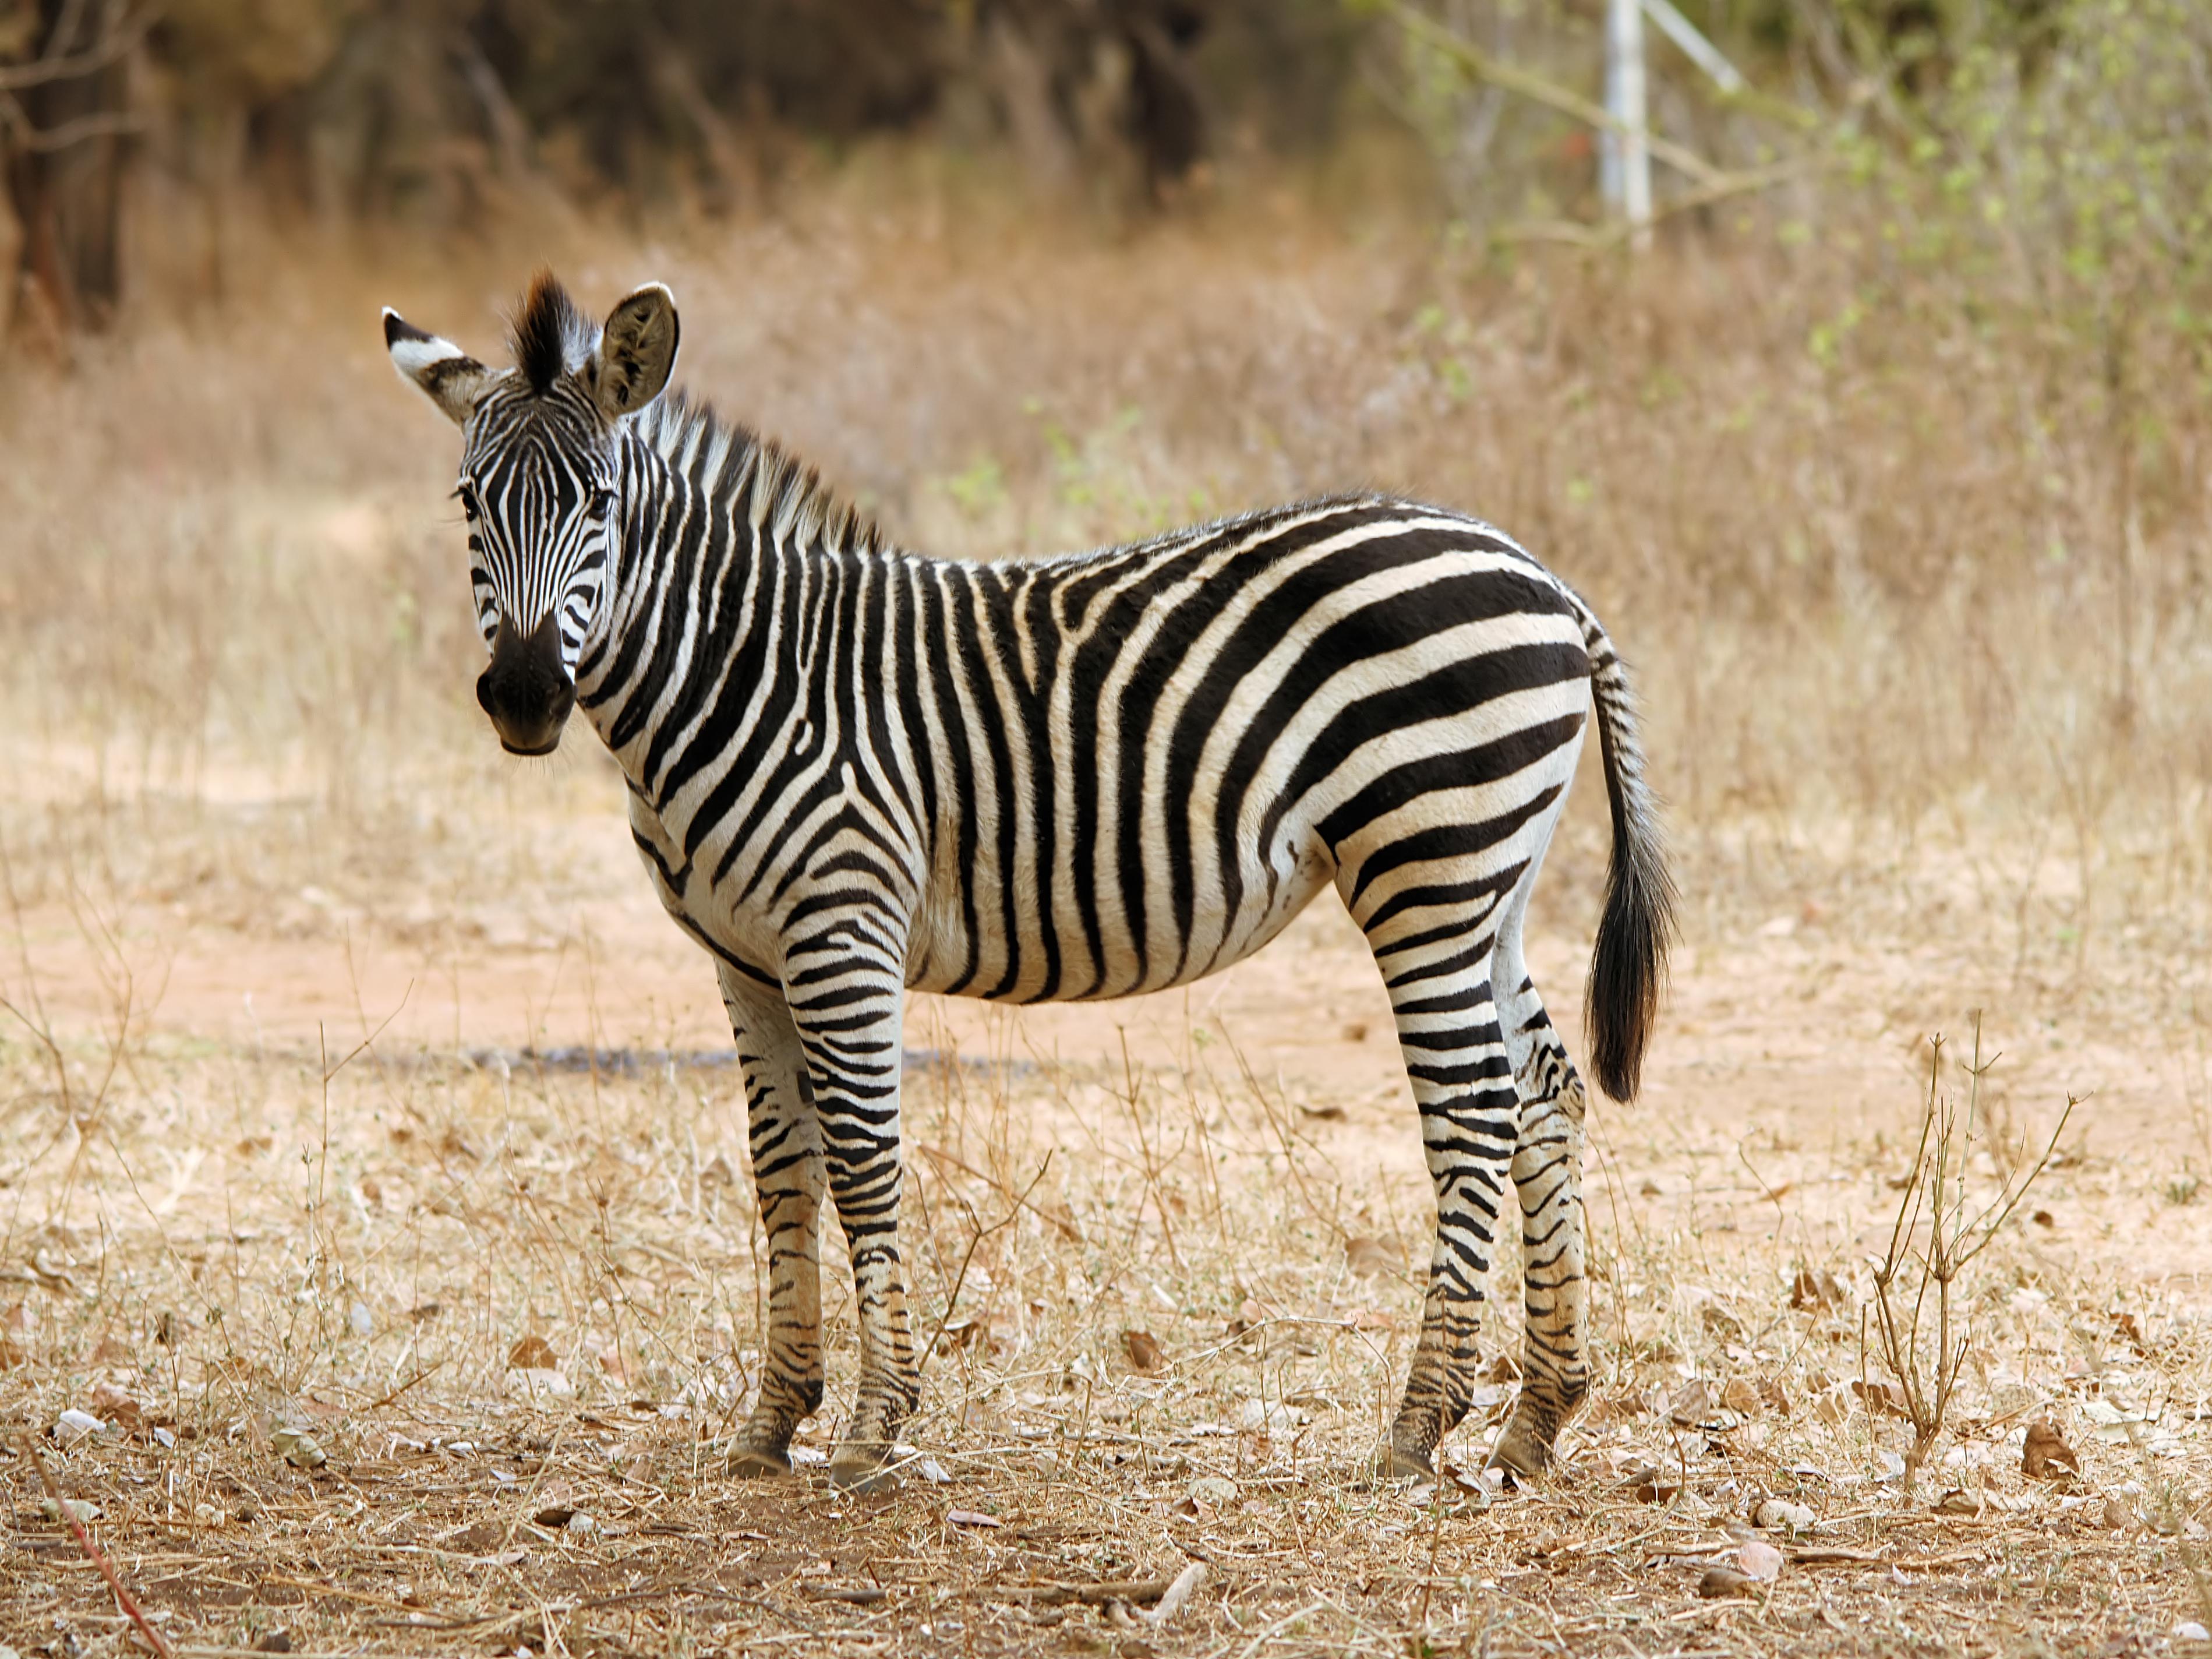 quagga zebra